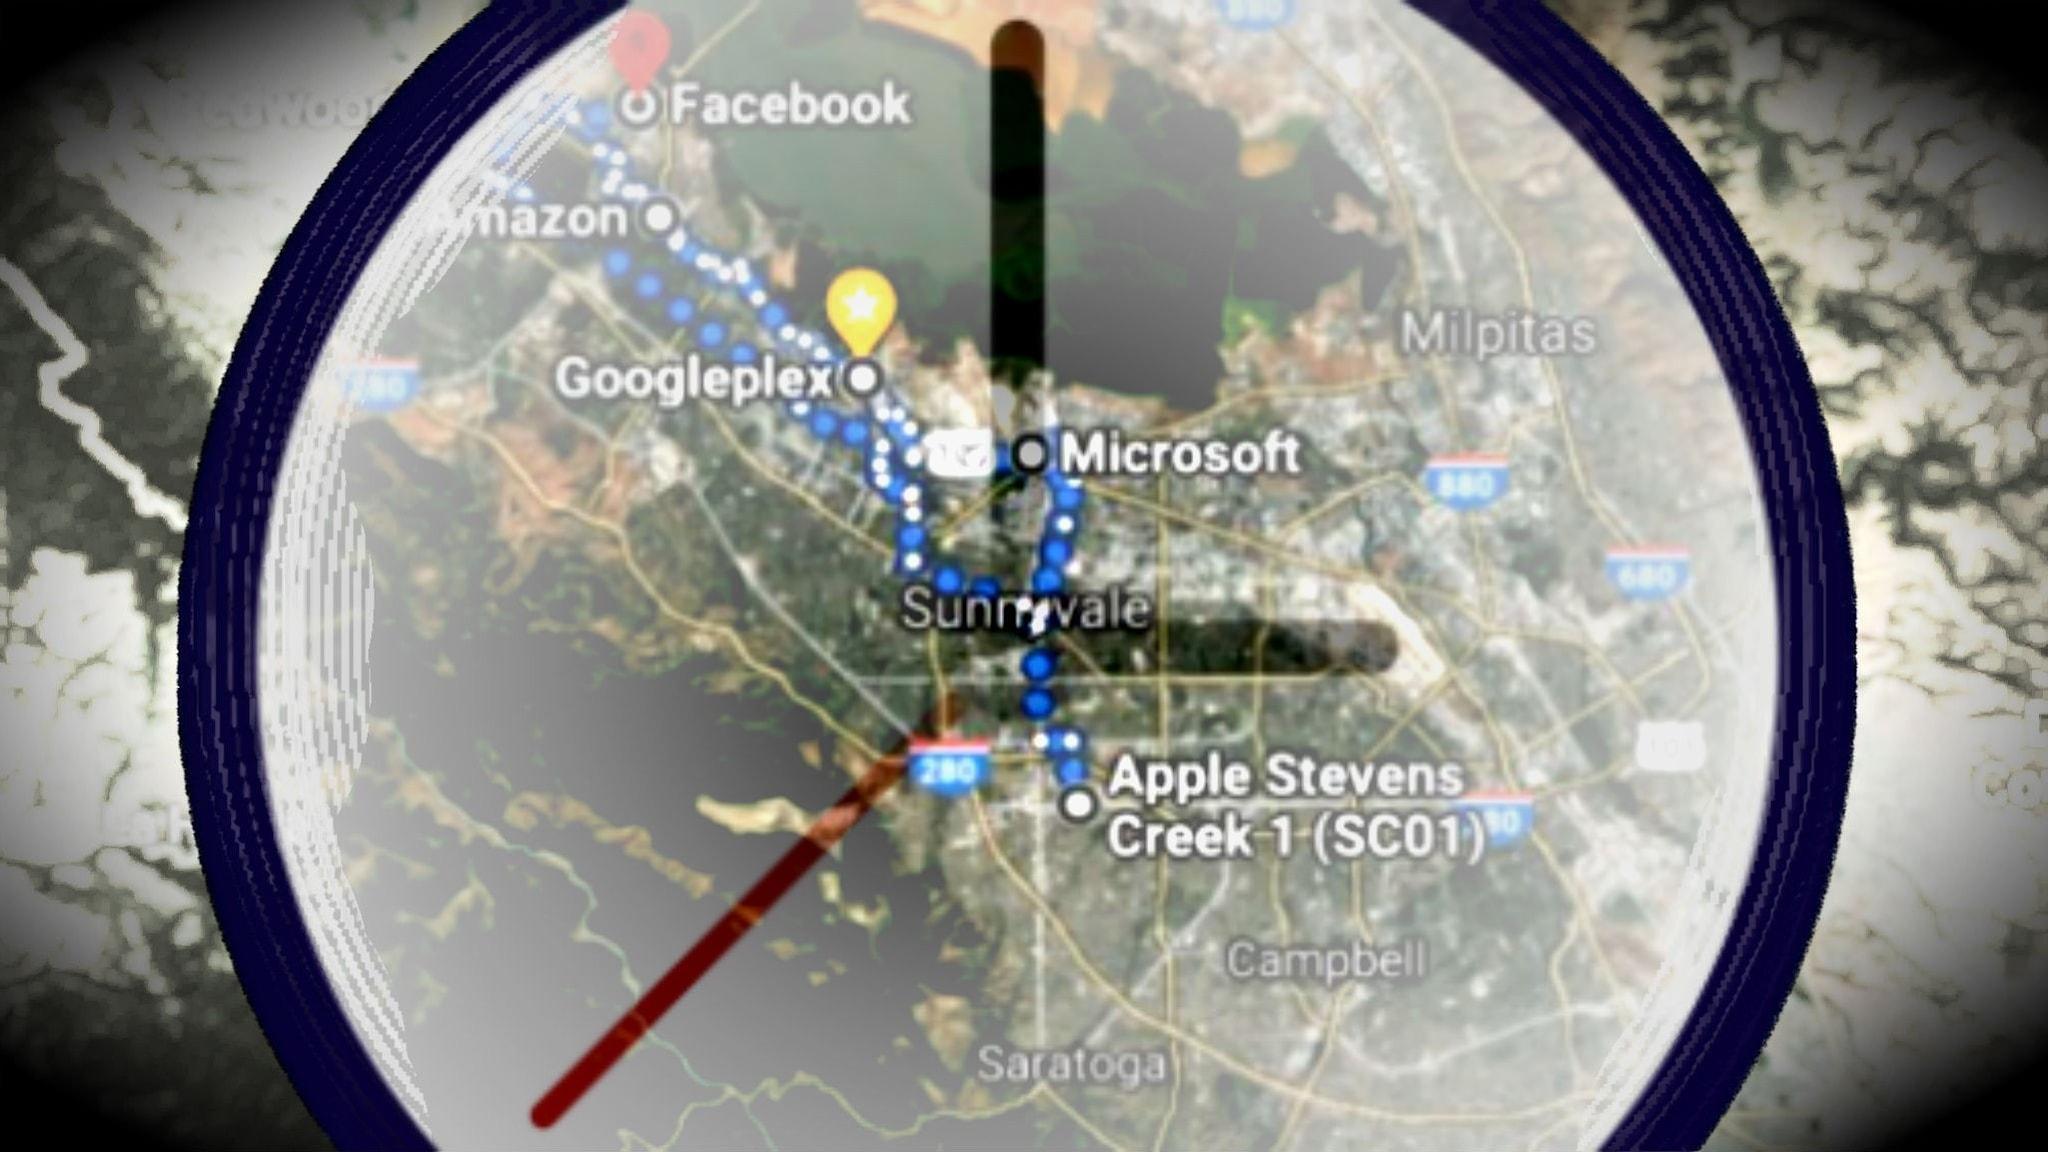 Teknikindustrins fem stora ligger alla på cykelavstånd från varandra i Silicon Valley.